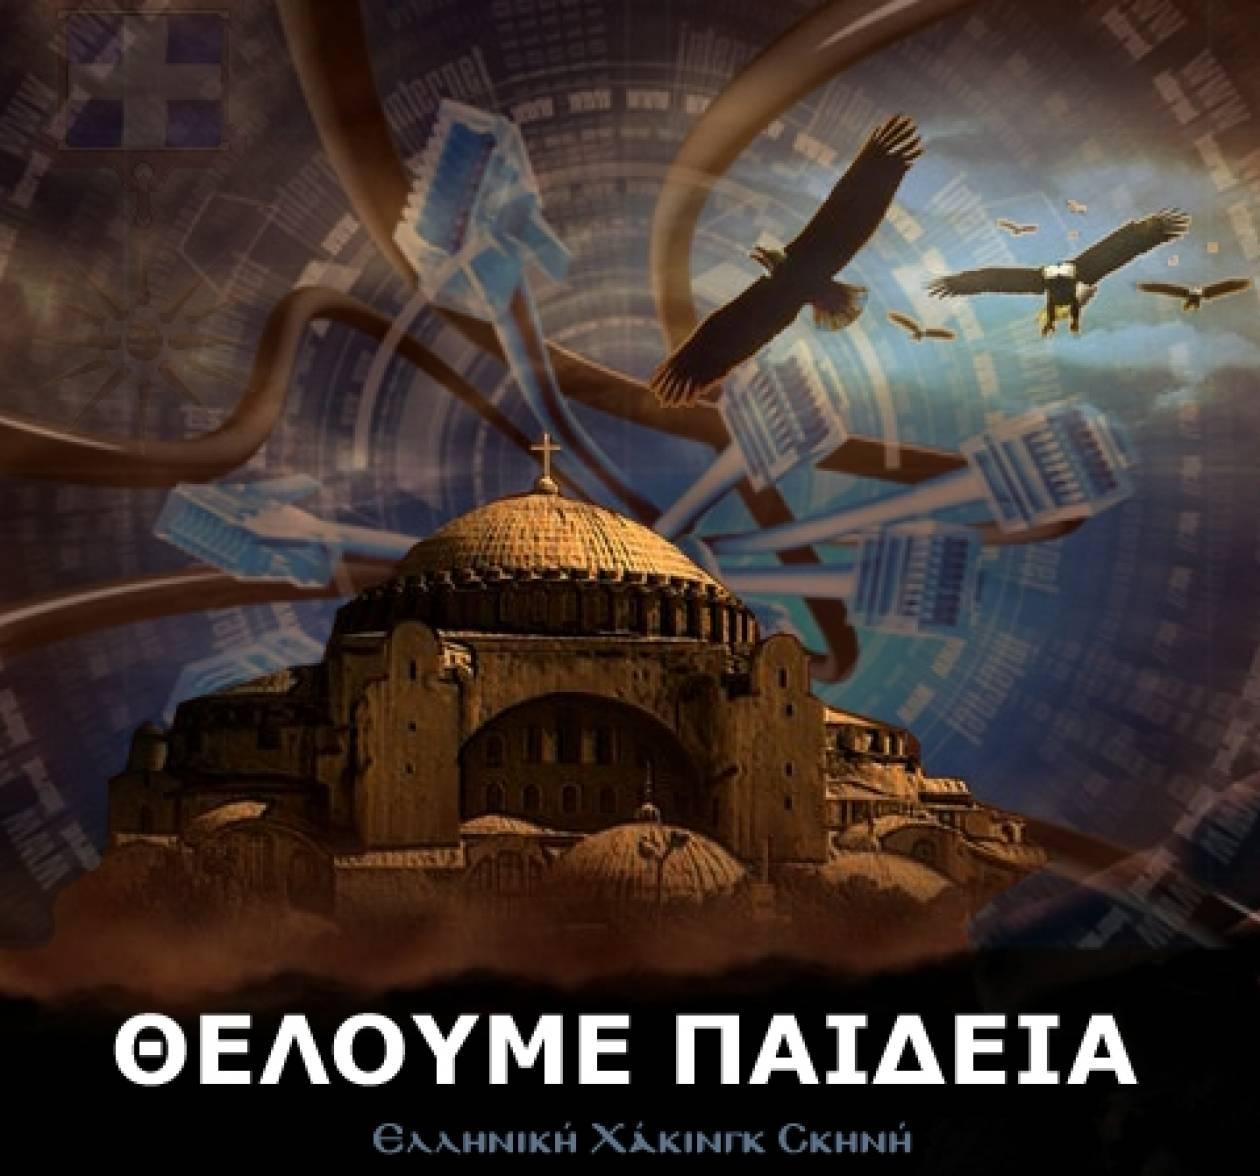 Αγανάκτησαν και οι Έλληνες hackers